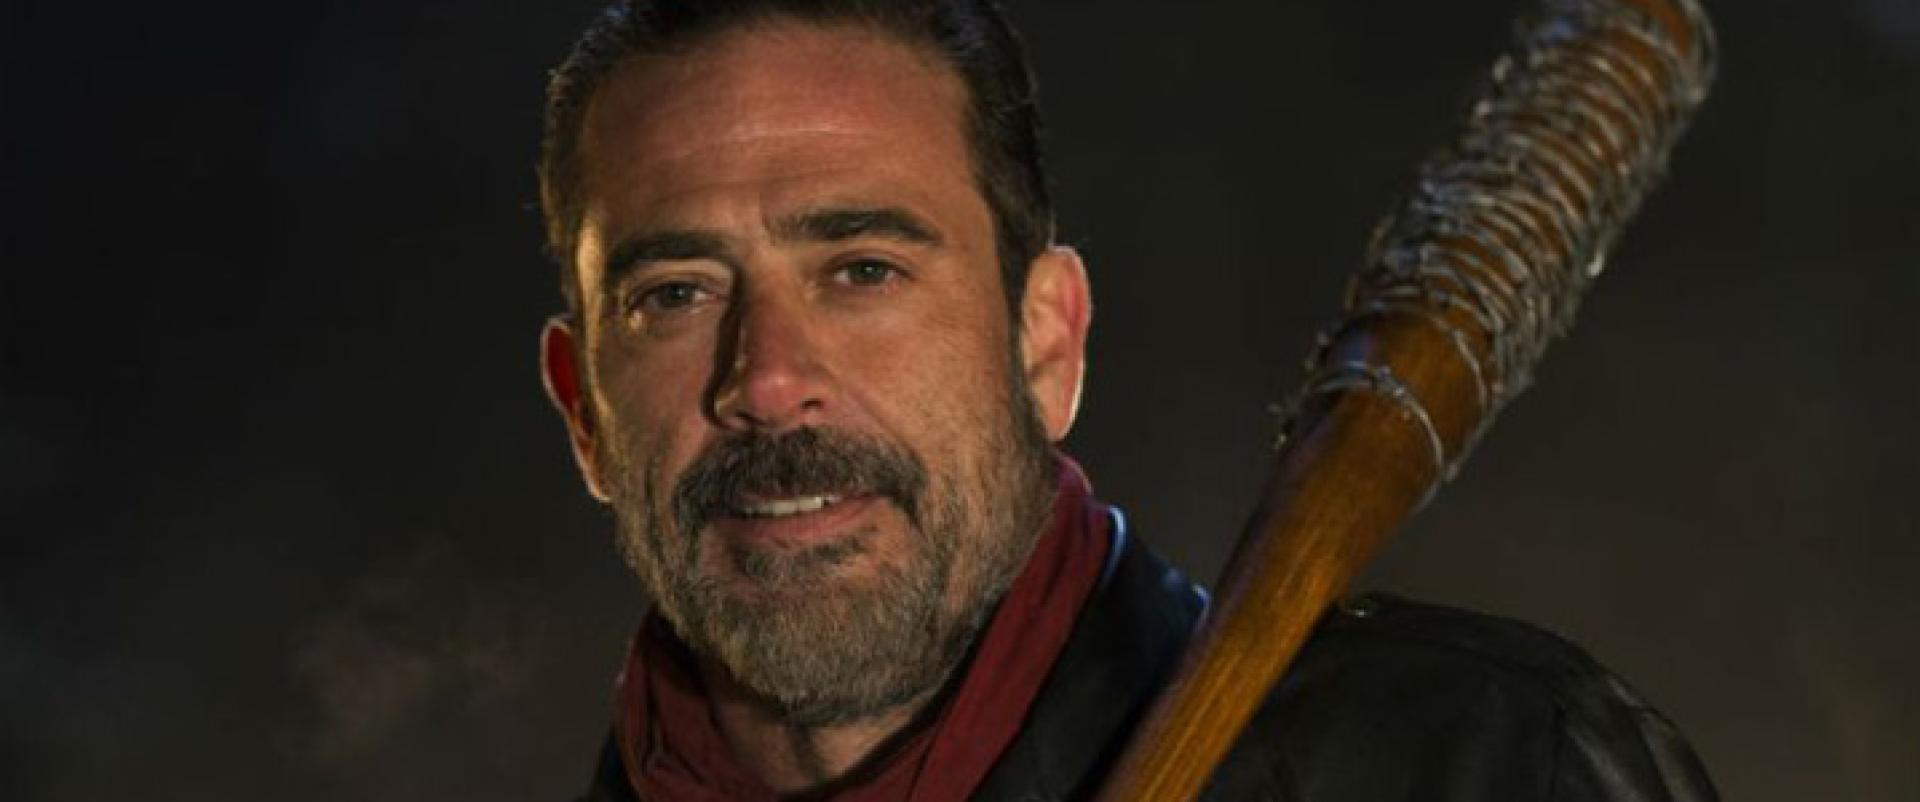 The Walking Dead, 7. évad: a nagy kérdés és több kicsi